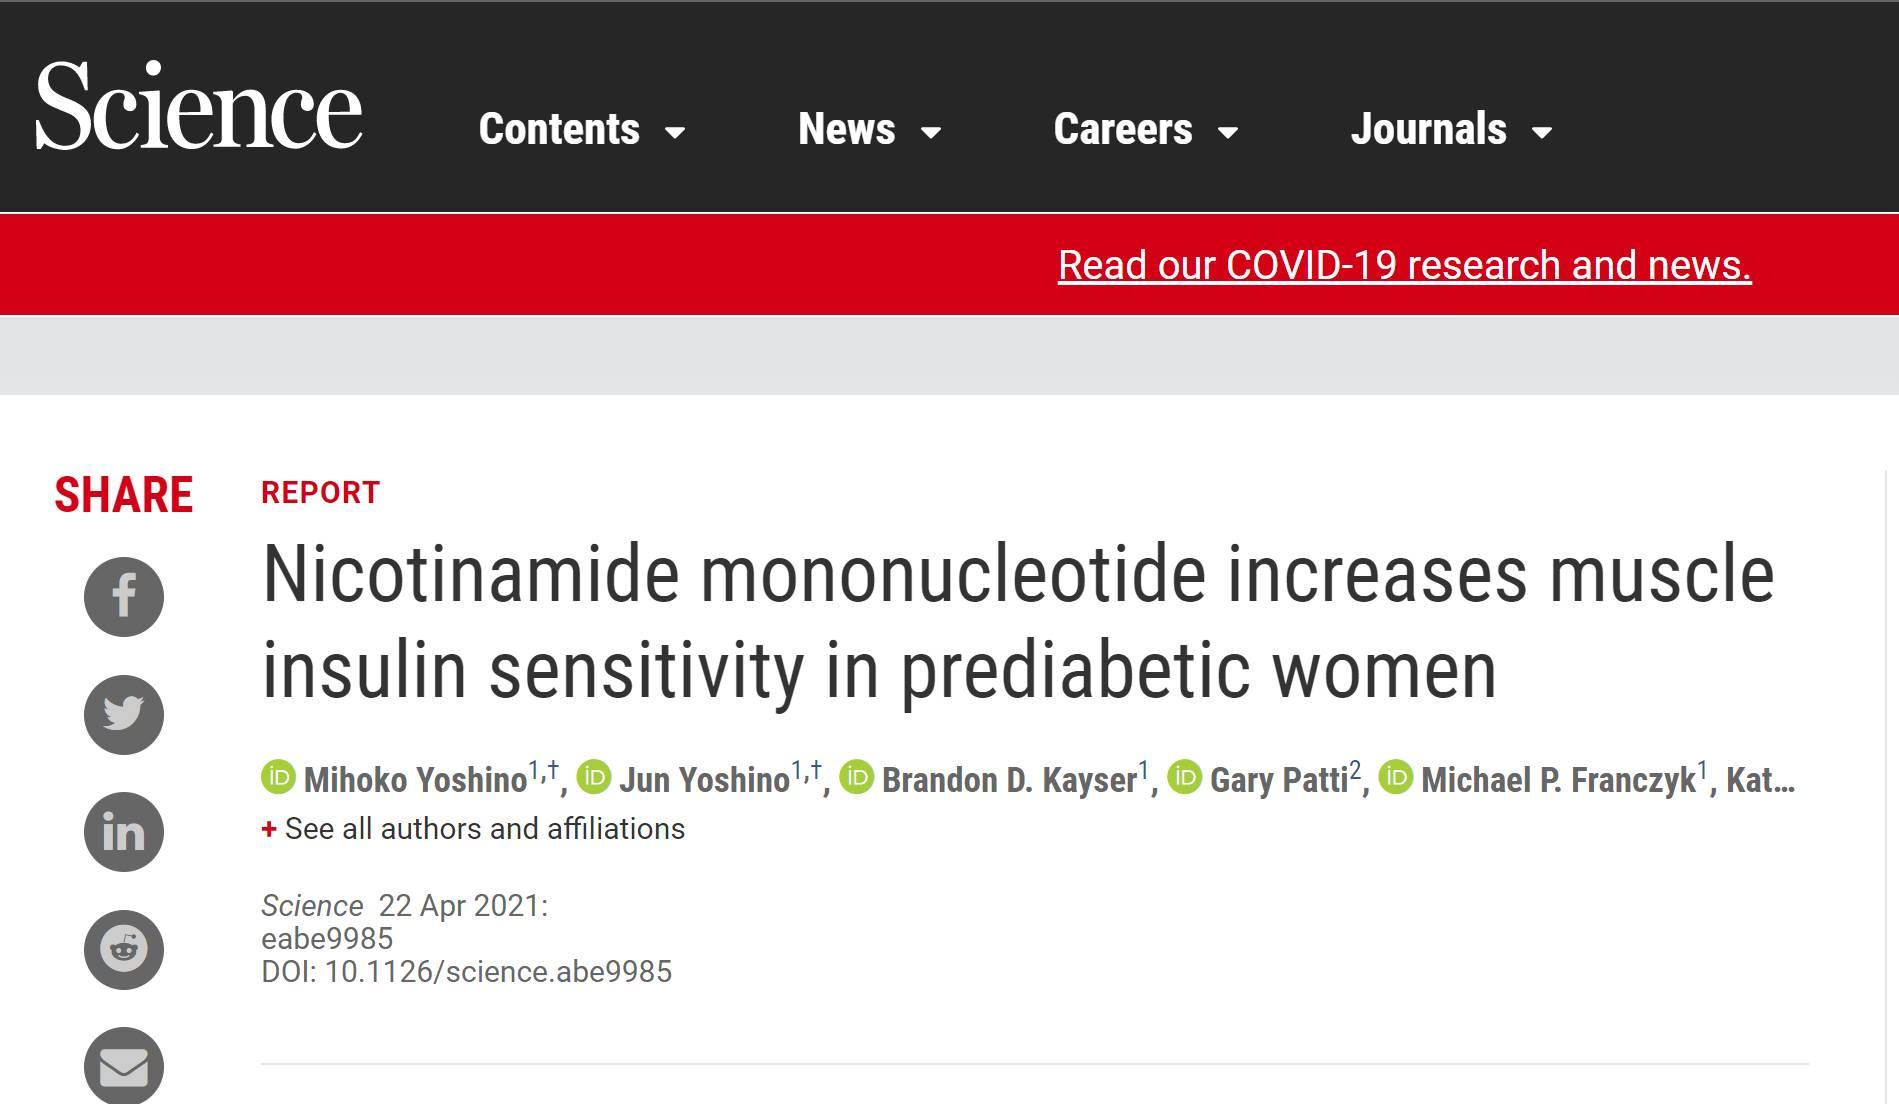 NMNと筋肉インスリン感受性